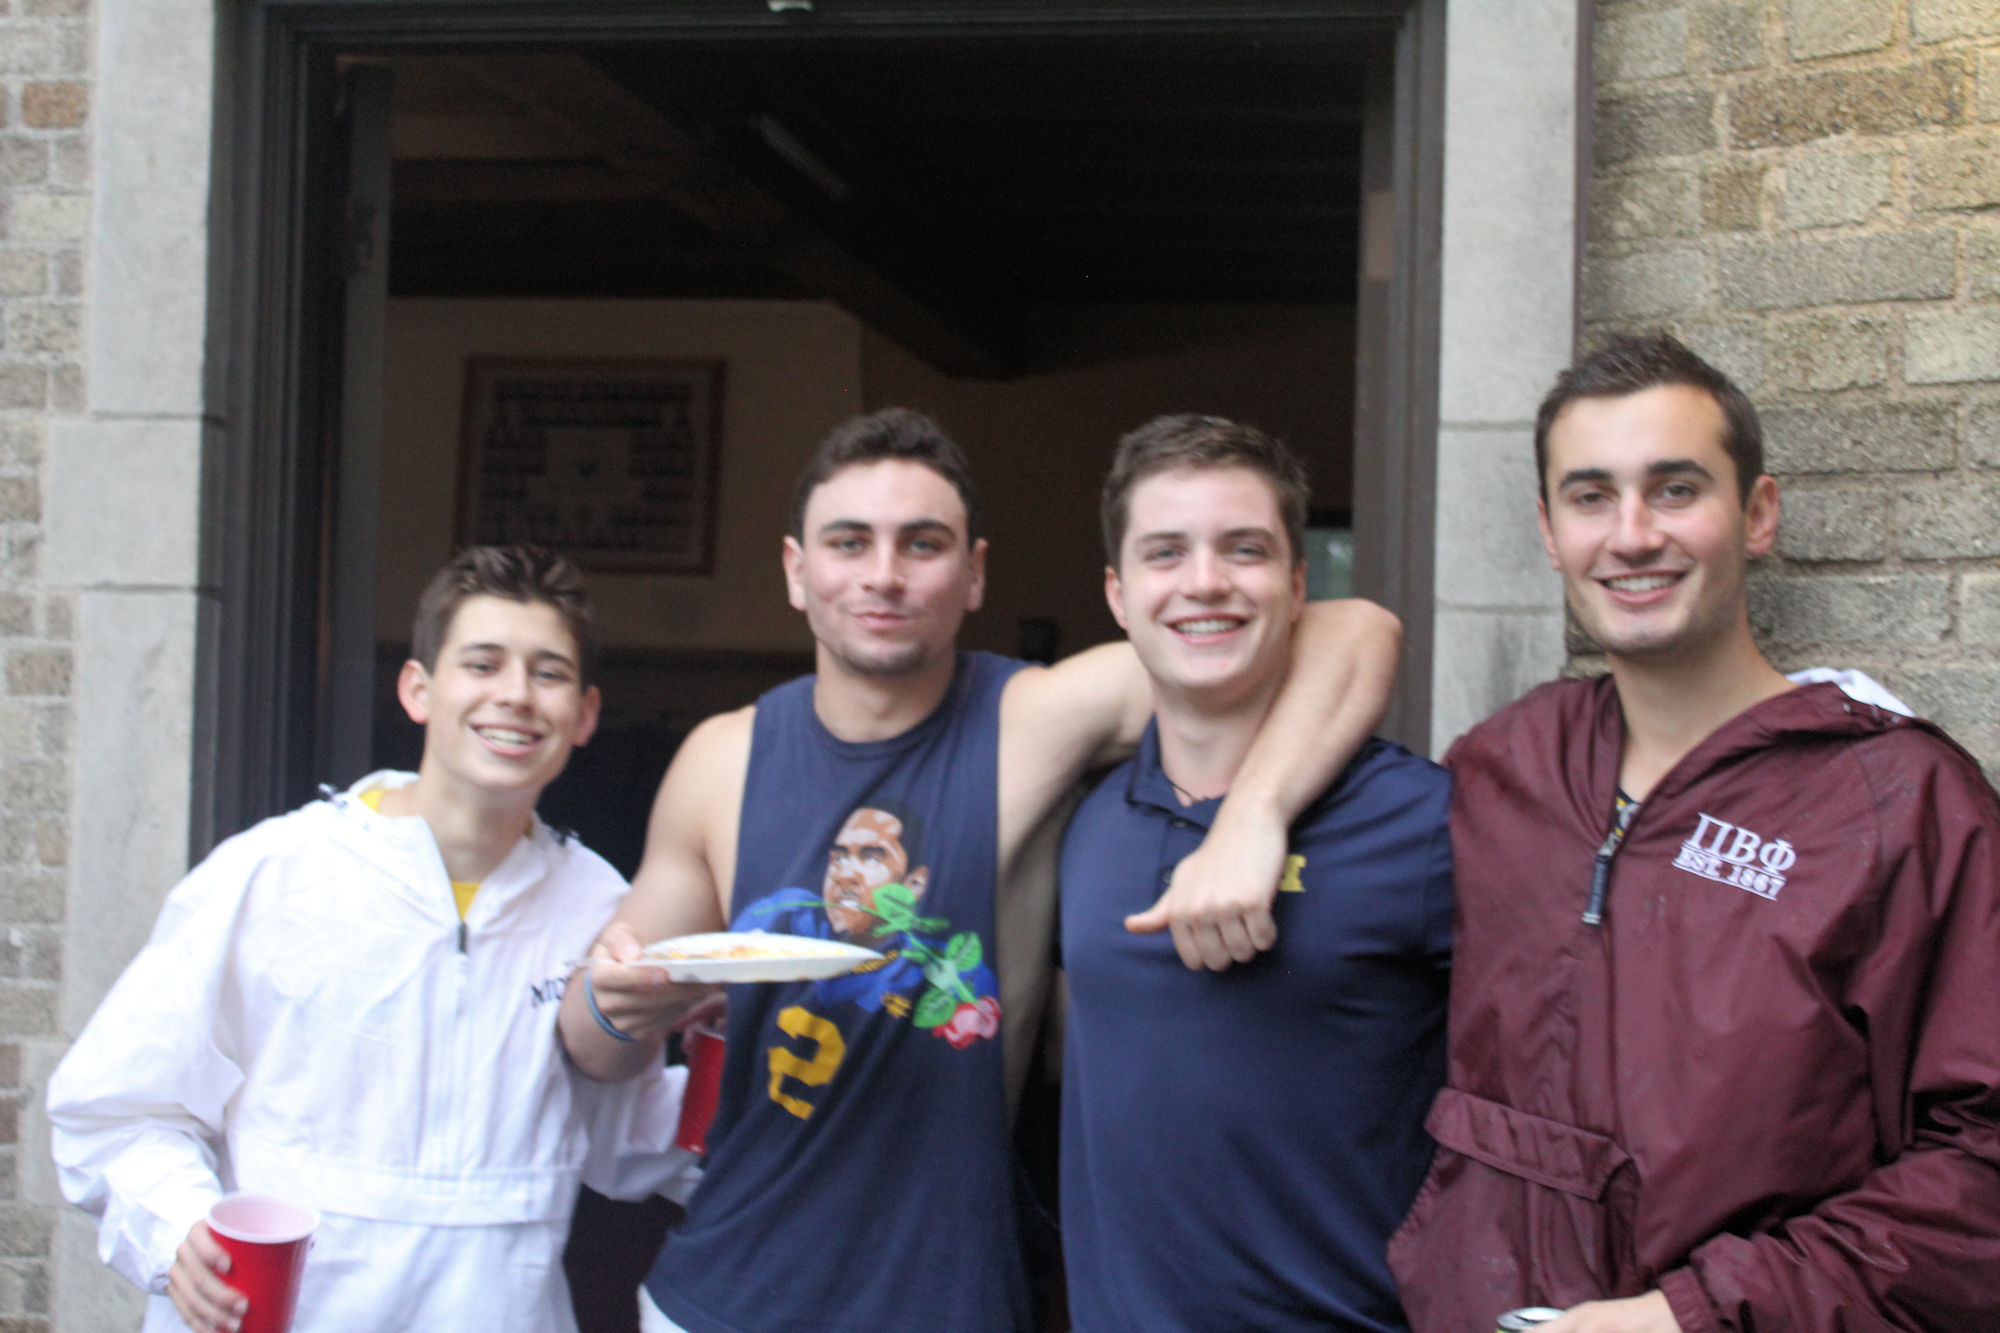 (L to R): Ari Elkins ('22), Trevor Stratz ('21), Brian Kraska ('21), Jordan Roberts ('21)